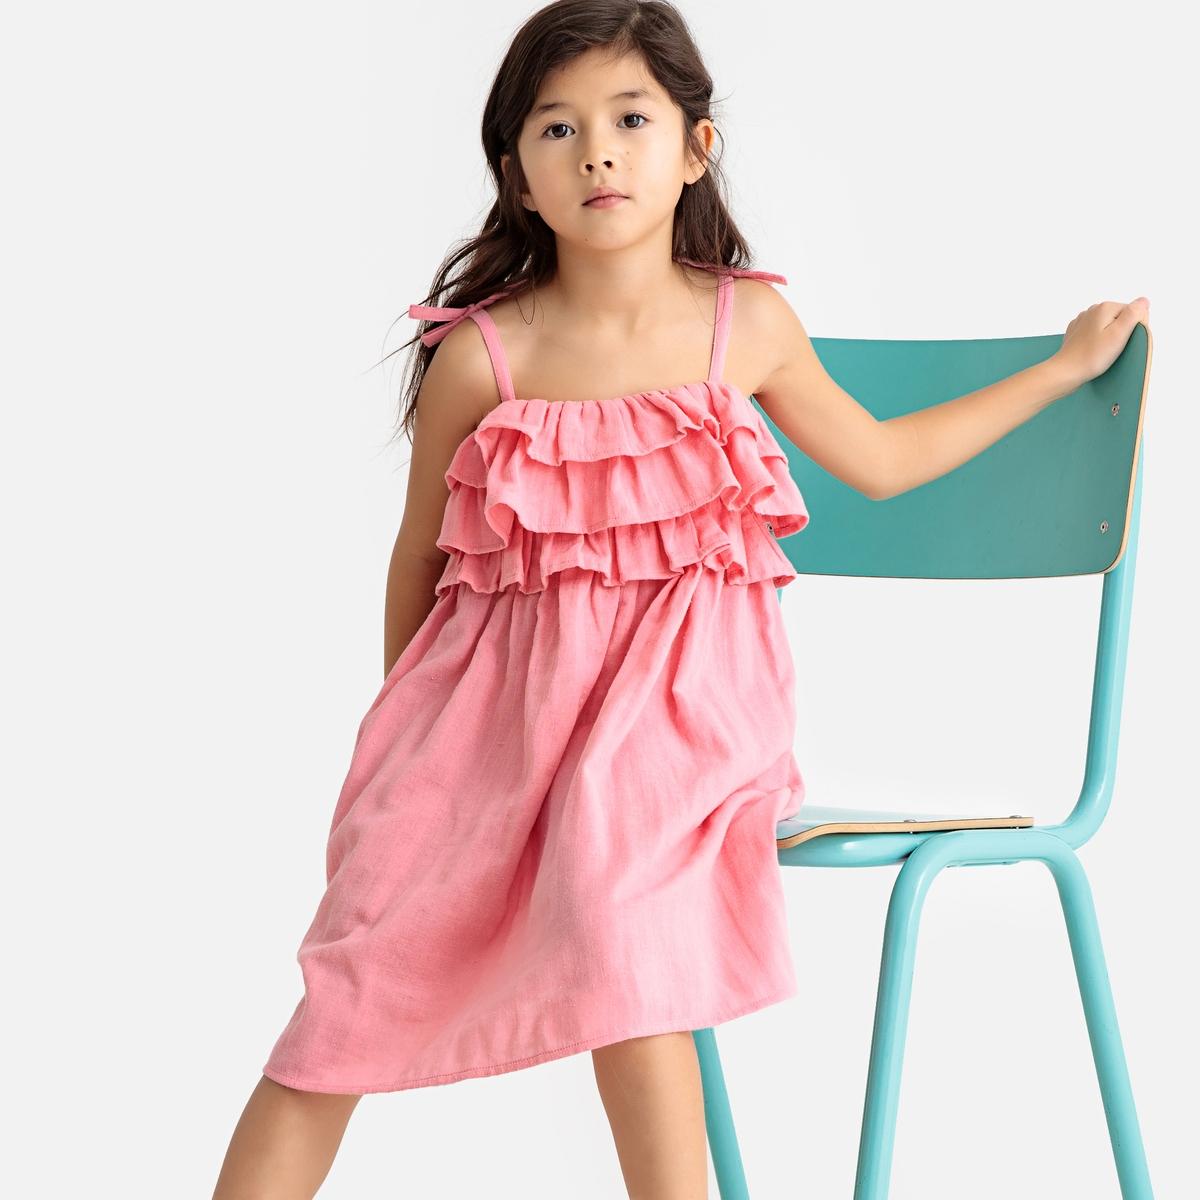 Платье на тонких бретелях с принтом 3-12 лет 2 топа однотонных на тонких бретелях 3 12 лет